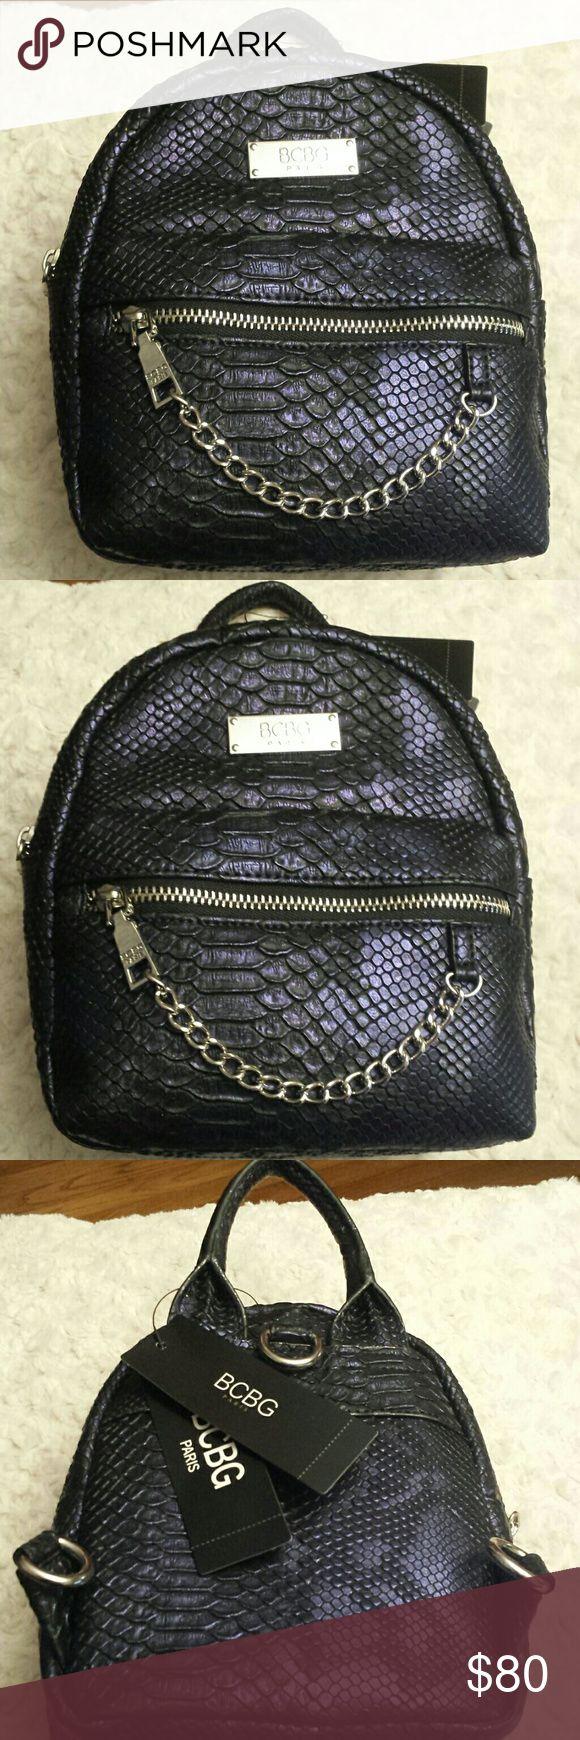 BCBG NWT Purple Metallic Petite Backpack NWT BCBG Metallic Purple Main Street Petite Backpack,  Straps inside,  Zip pocket outside and Slip Pocket inside BCBG  Bags Backpacks